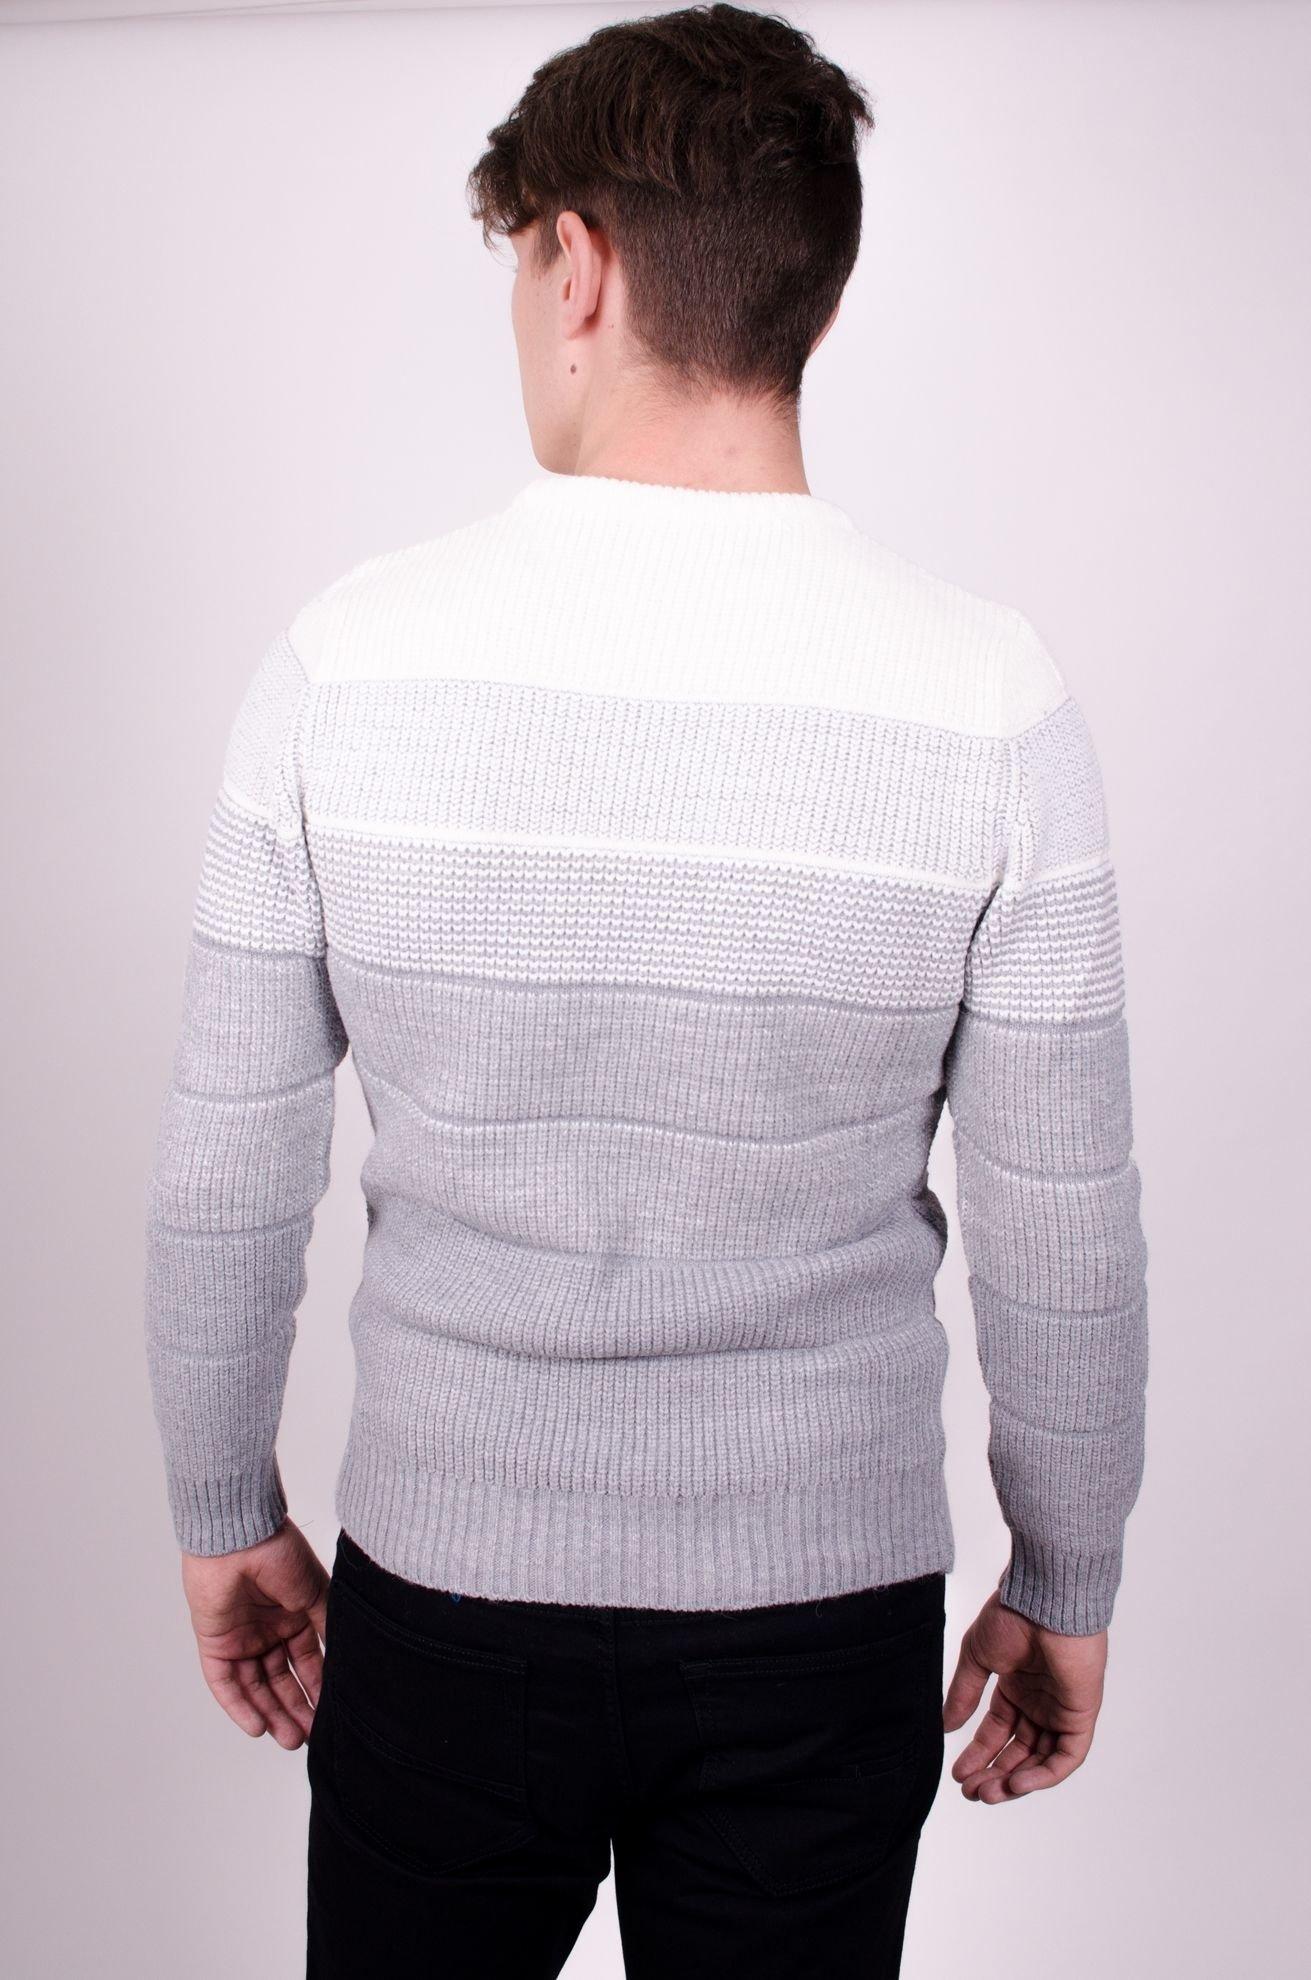 Мужской свитер с круглым вырезом  (Арт. POS 1855)